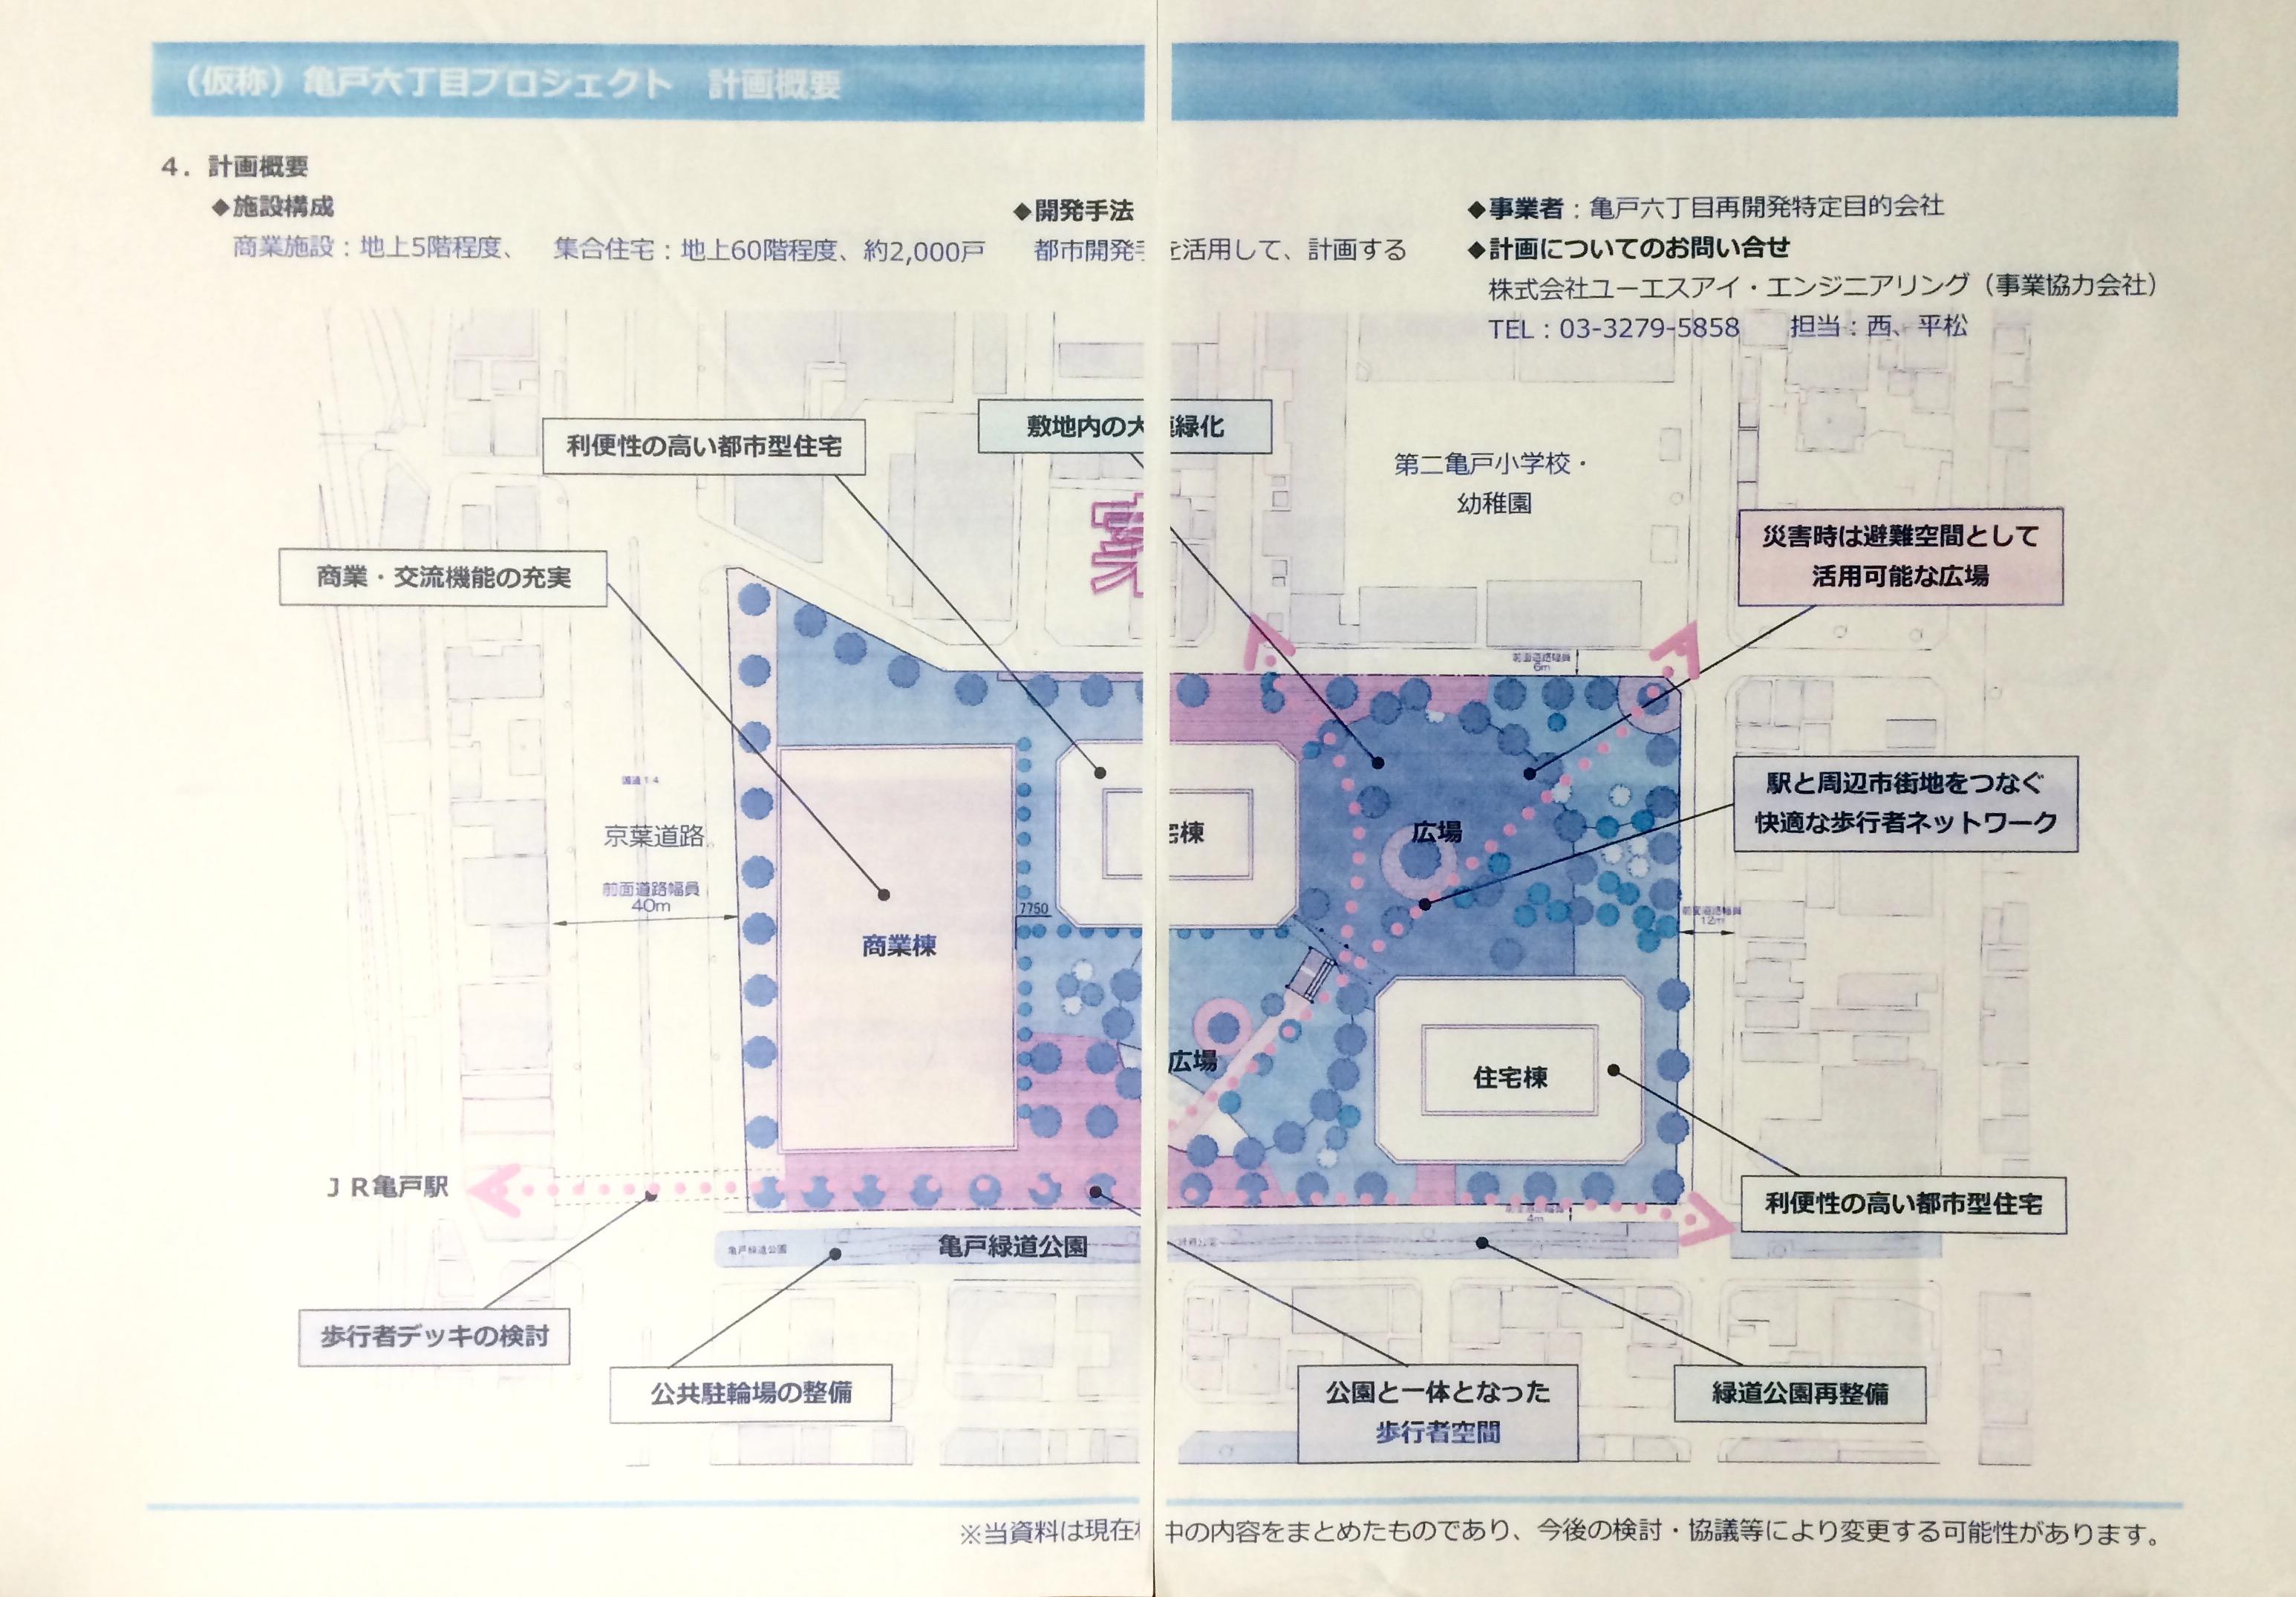 サンストリート亀戸再開発資料03